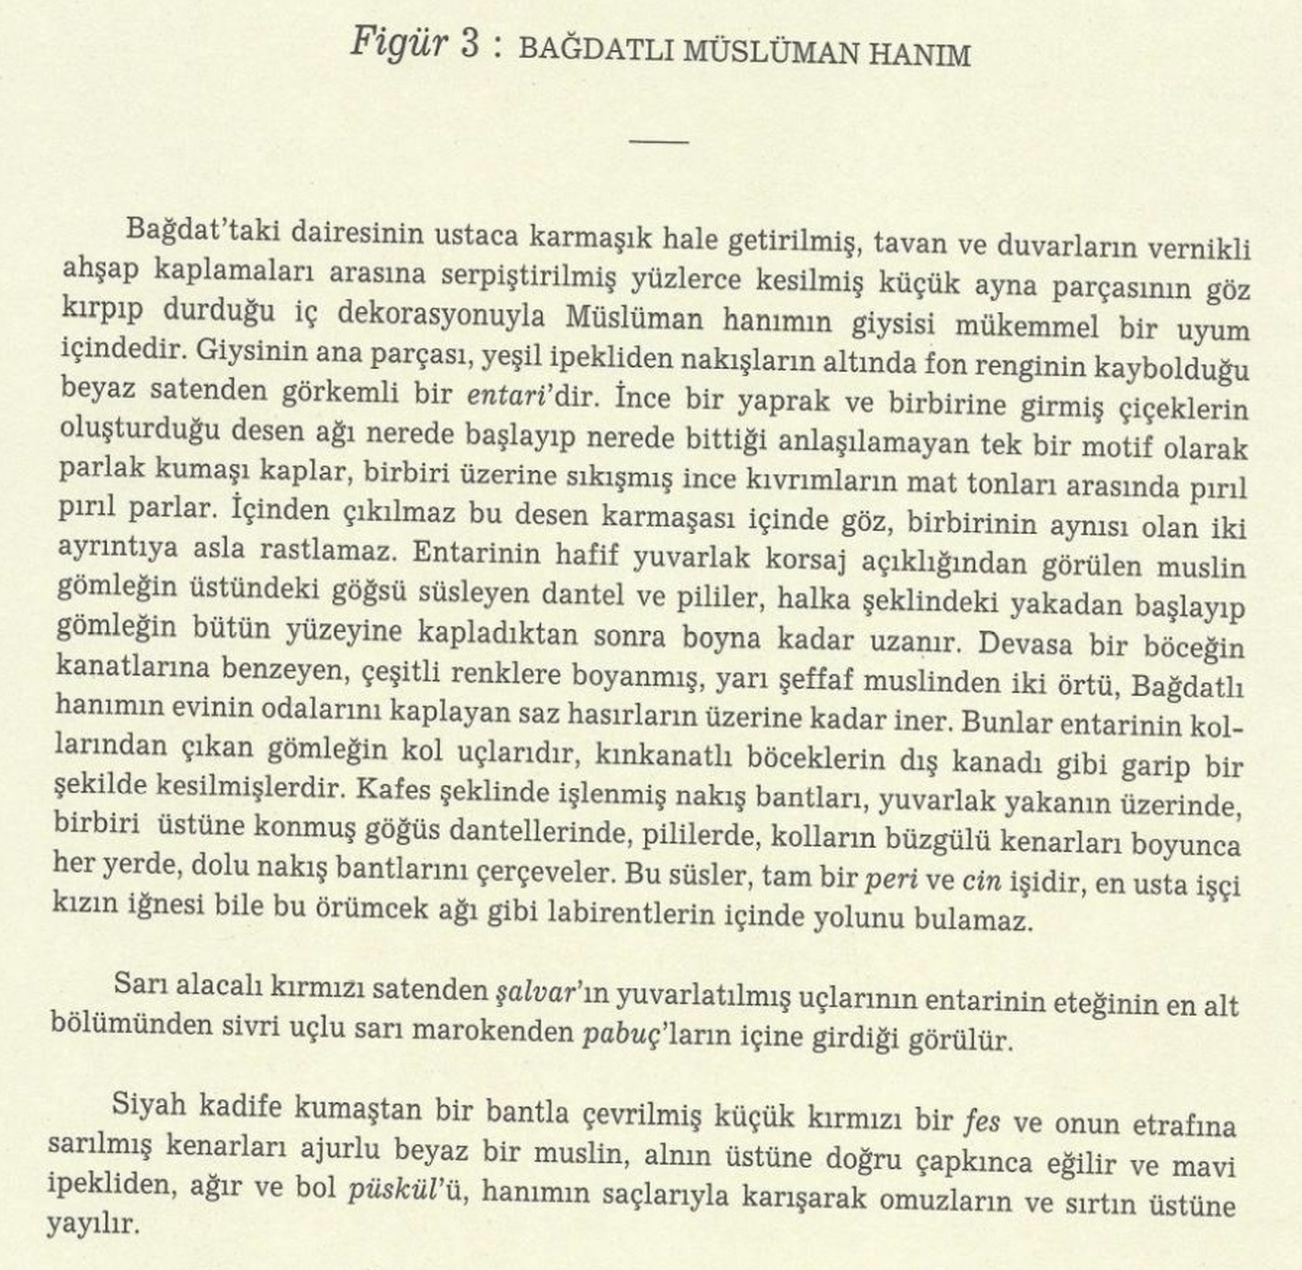 0504-elbise-i-osmaniyye-pdf-1873-yilinda-turkiyede-halk-giysileri-sammar-kabilesi-zubeyd-kabilesi-bagdatli-musluman-kadin (11)